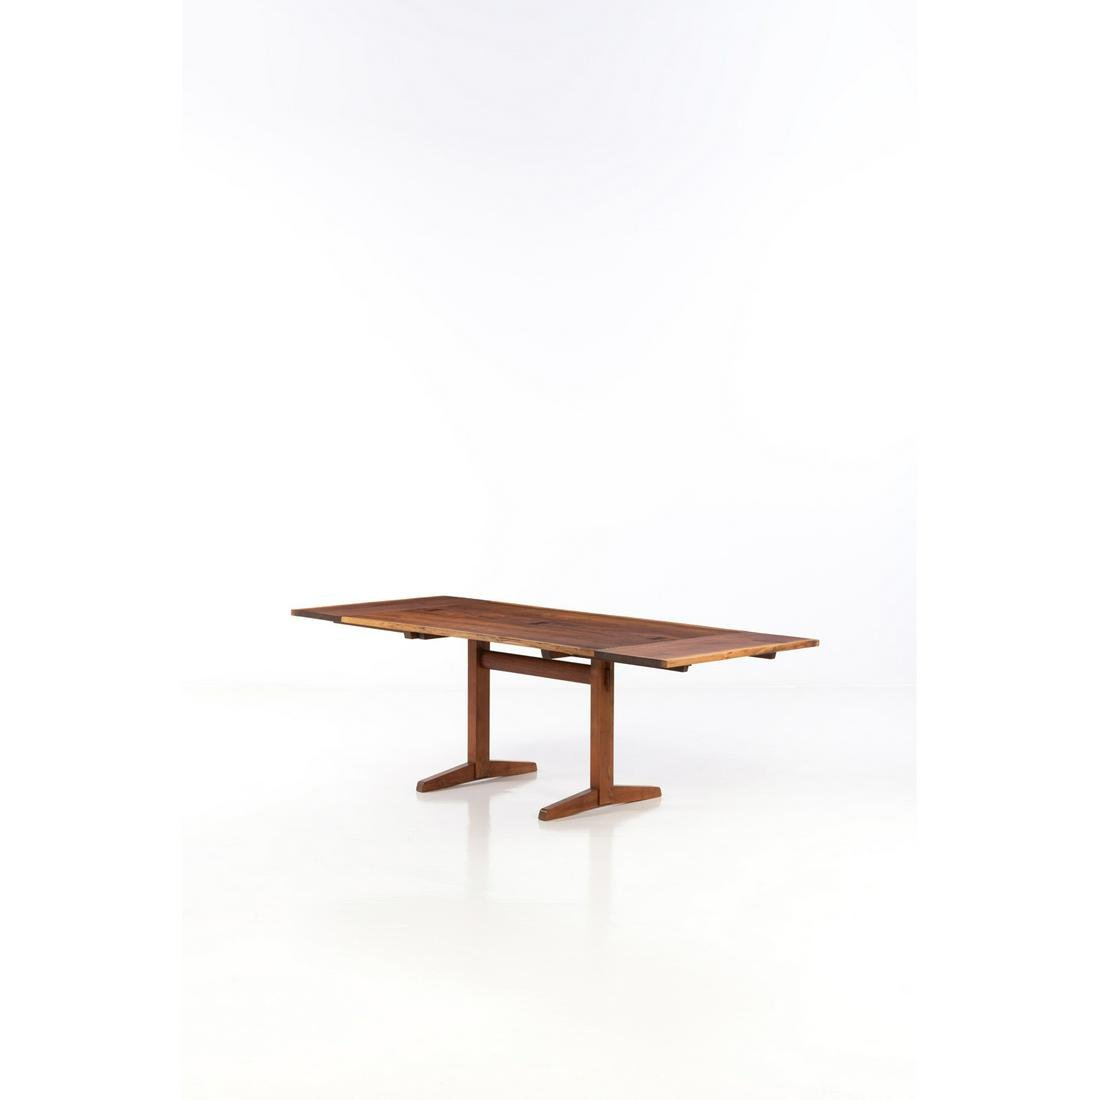 George Nakashima (1905-1990) 136 Trestle Table with